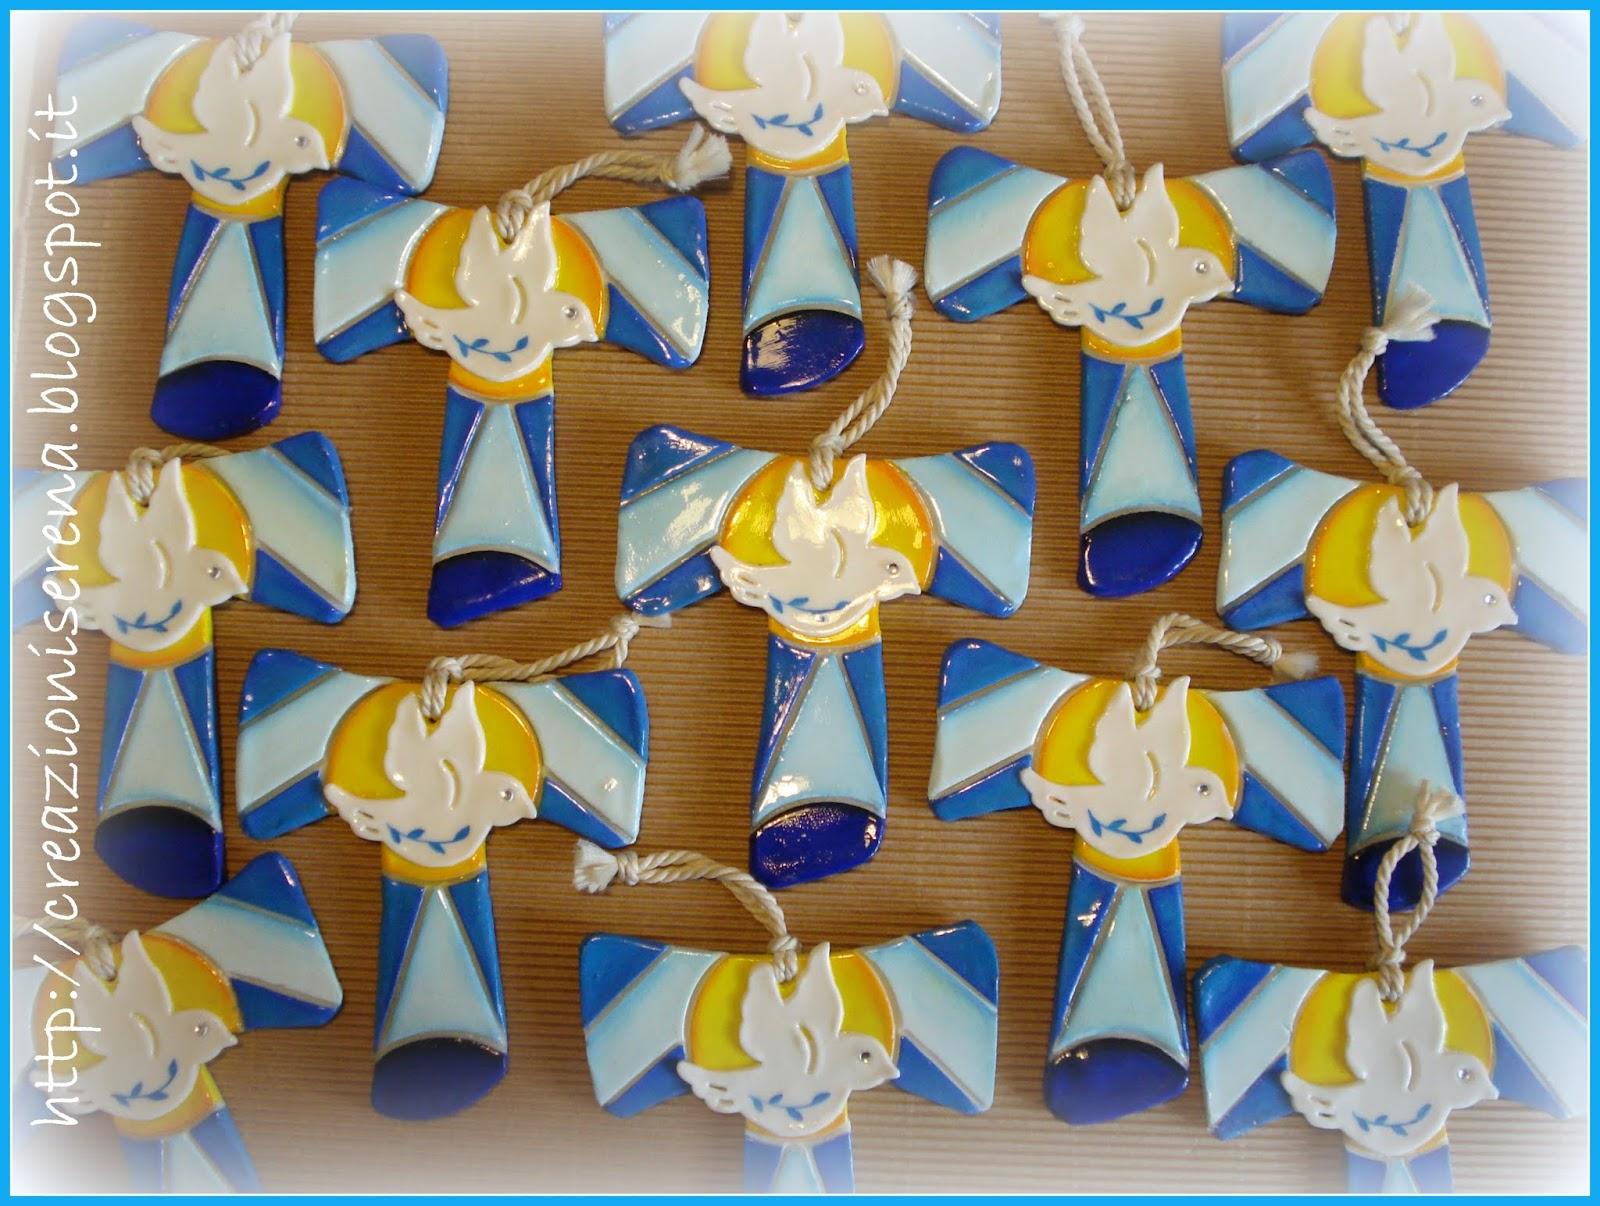 Favorito Creazioni Serena: Croci in pasta di mais - bomboniere Cresima MV41